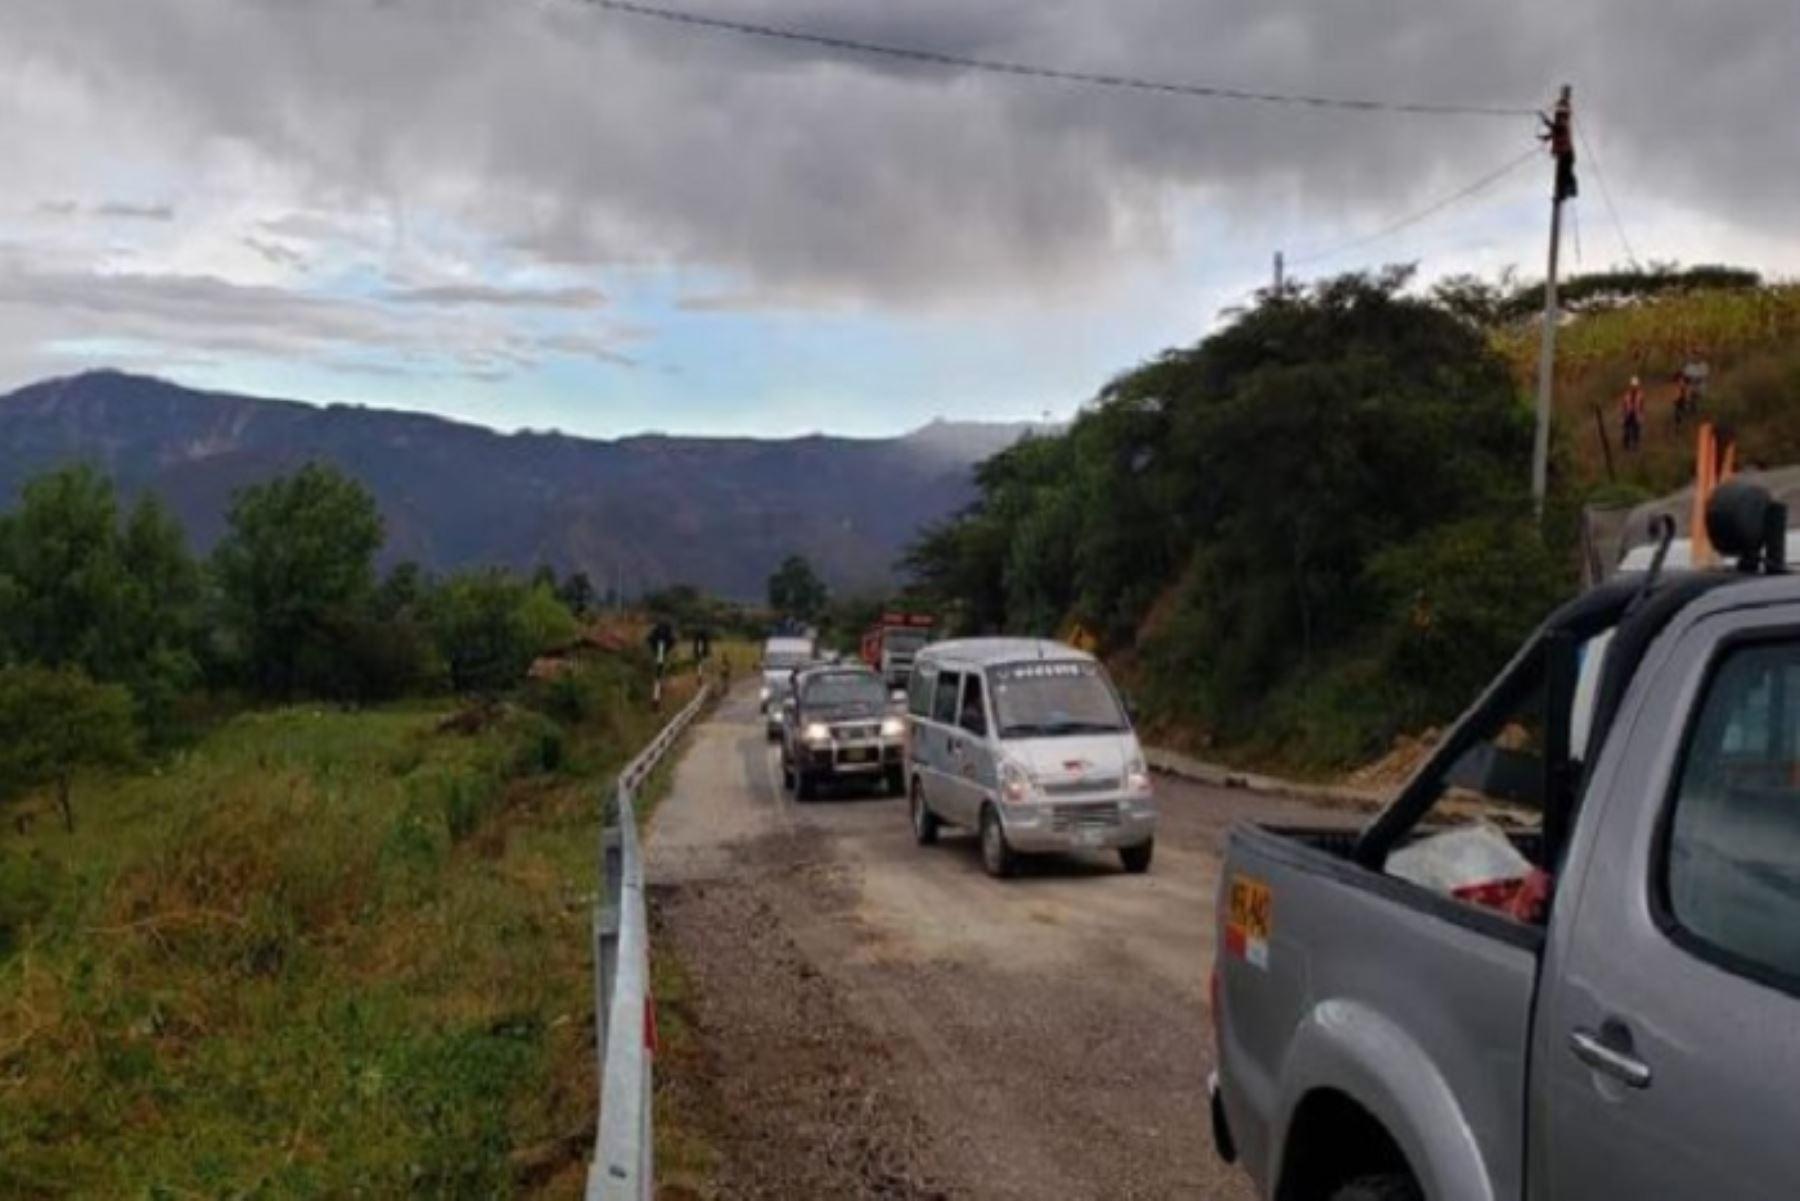 El Ministerio de Transportes y Comunicaciones (MTC) restableció en la víspera a las 18:00 horas, la transitabilidad en el sector Huañimba, de la carretera San Marcos - Cajabamba, en el departamento de Cajamarca. Esta vía resultó afectada por el sismo de magnitud 8.0 ocurrido la madrugada del último domingo.Foto. MTC